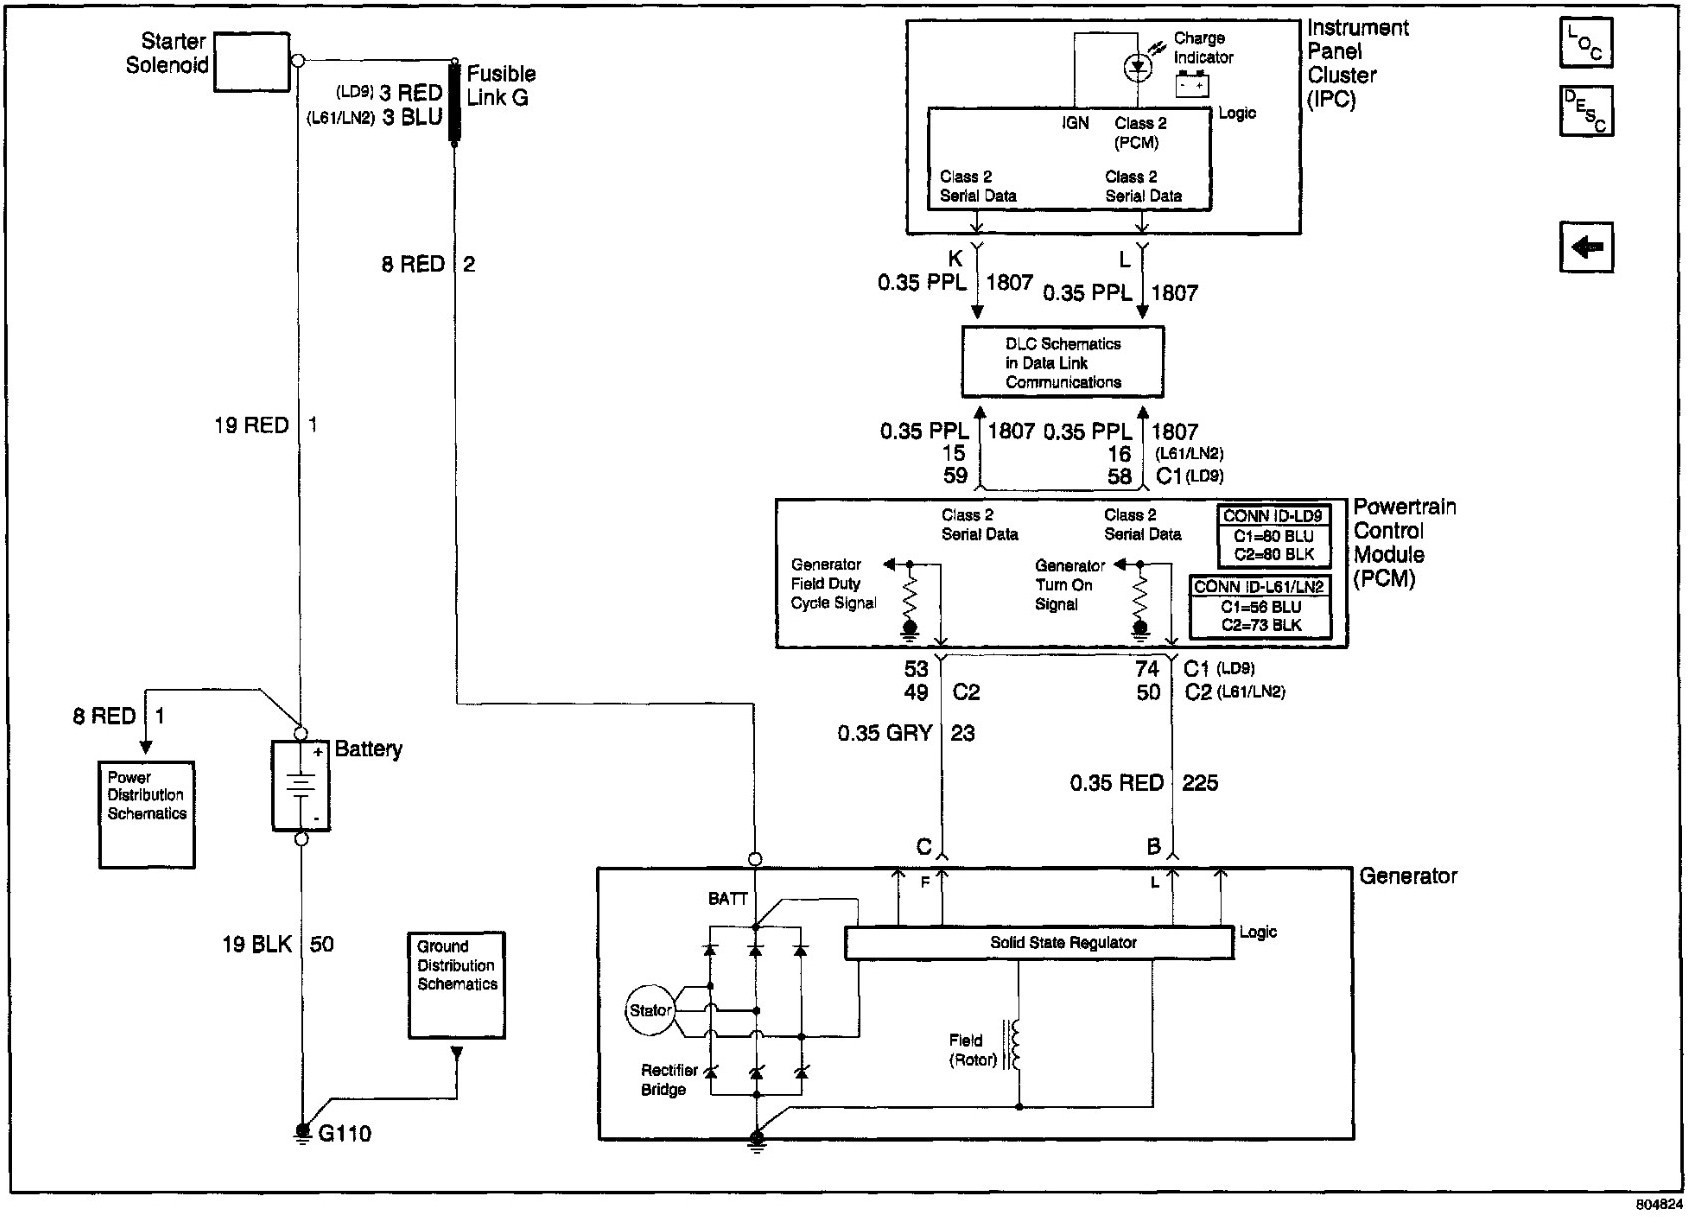 raven 4400 wiring diagram schema wiring diagrams Semi Trailer Wiring Diagram raven 440 wiring diagram wiring library cable wiring diagram raven 4400 wiring diagram